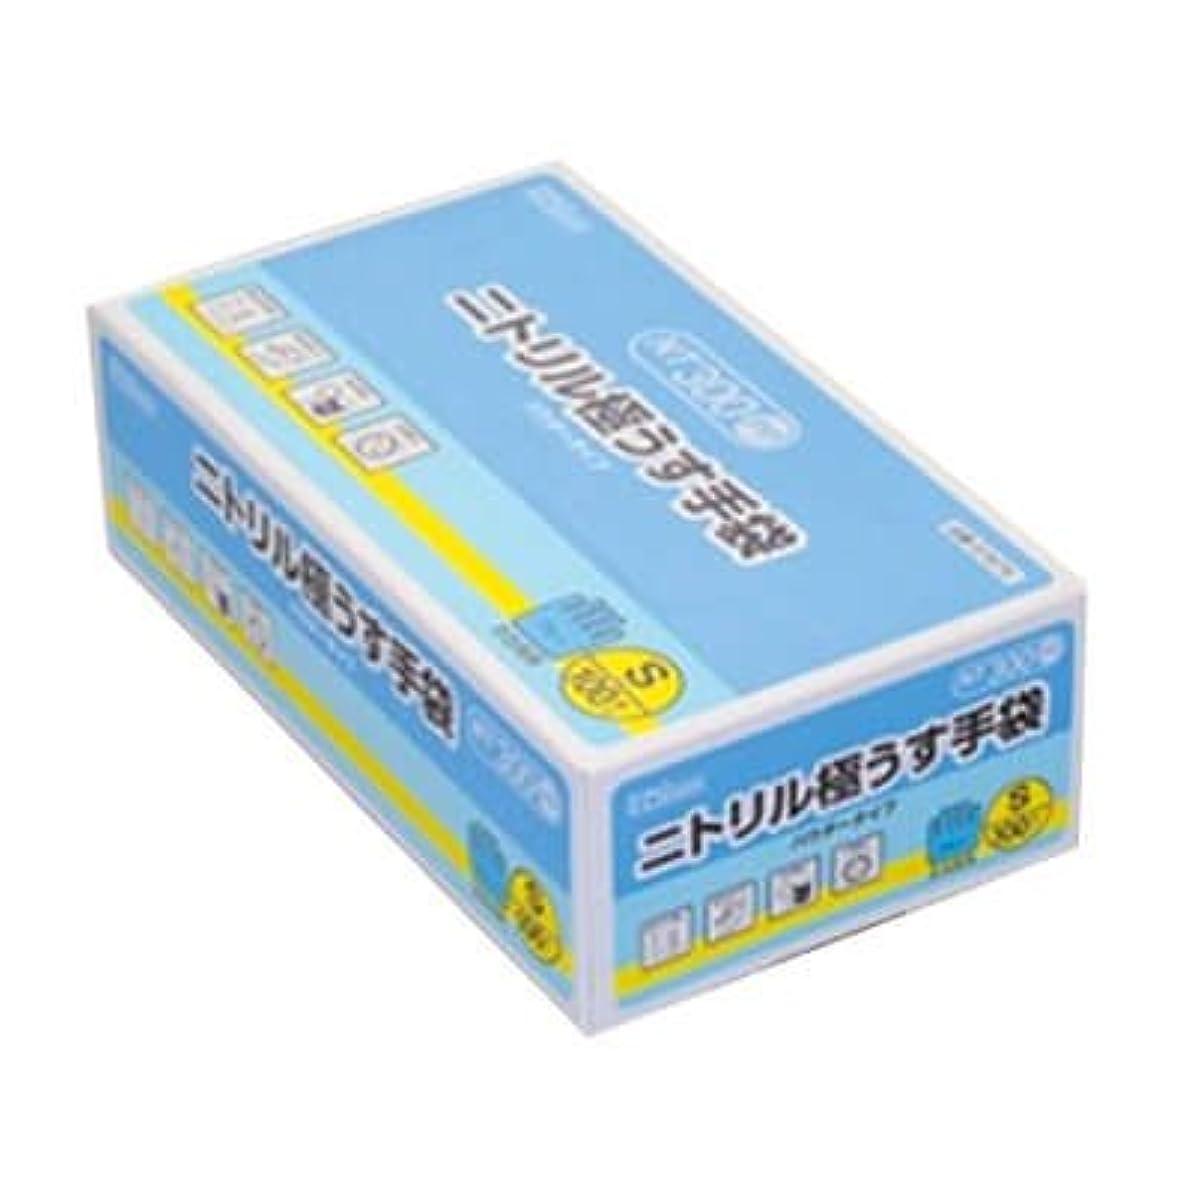 降下なめるショッキング【ケース販売】 ダンロップ ニトリル極うす手袋 粉付 S ブルー NT-300 (100枚入×20箱)